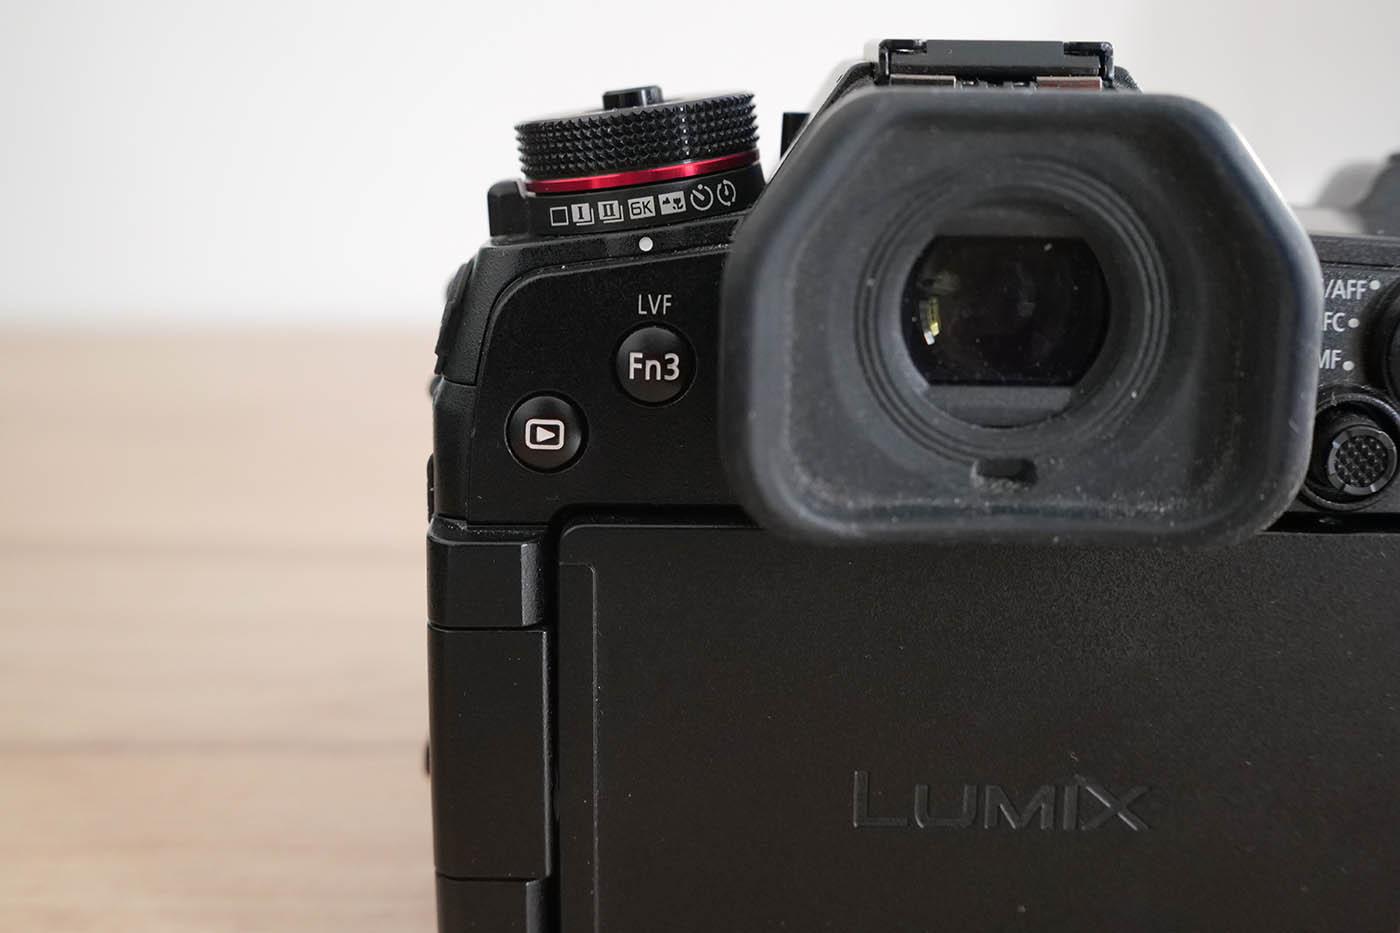 réglage viseur détection oeil sur Lumix G9 Panasonic